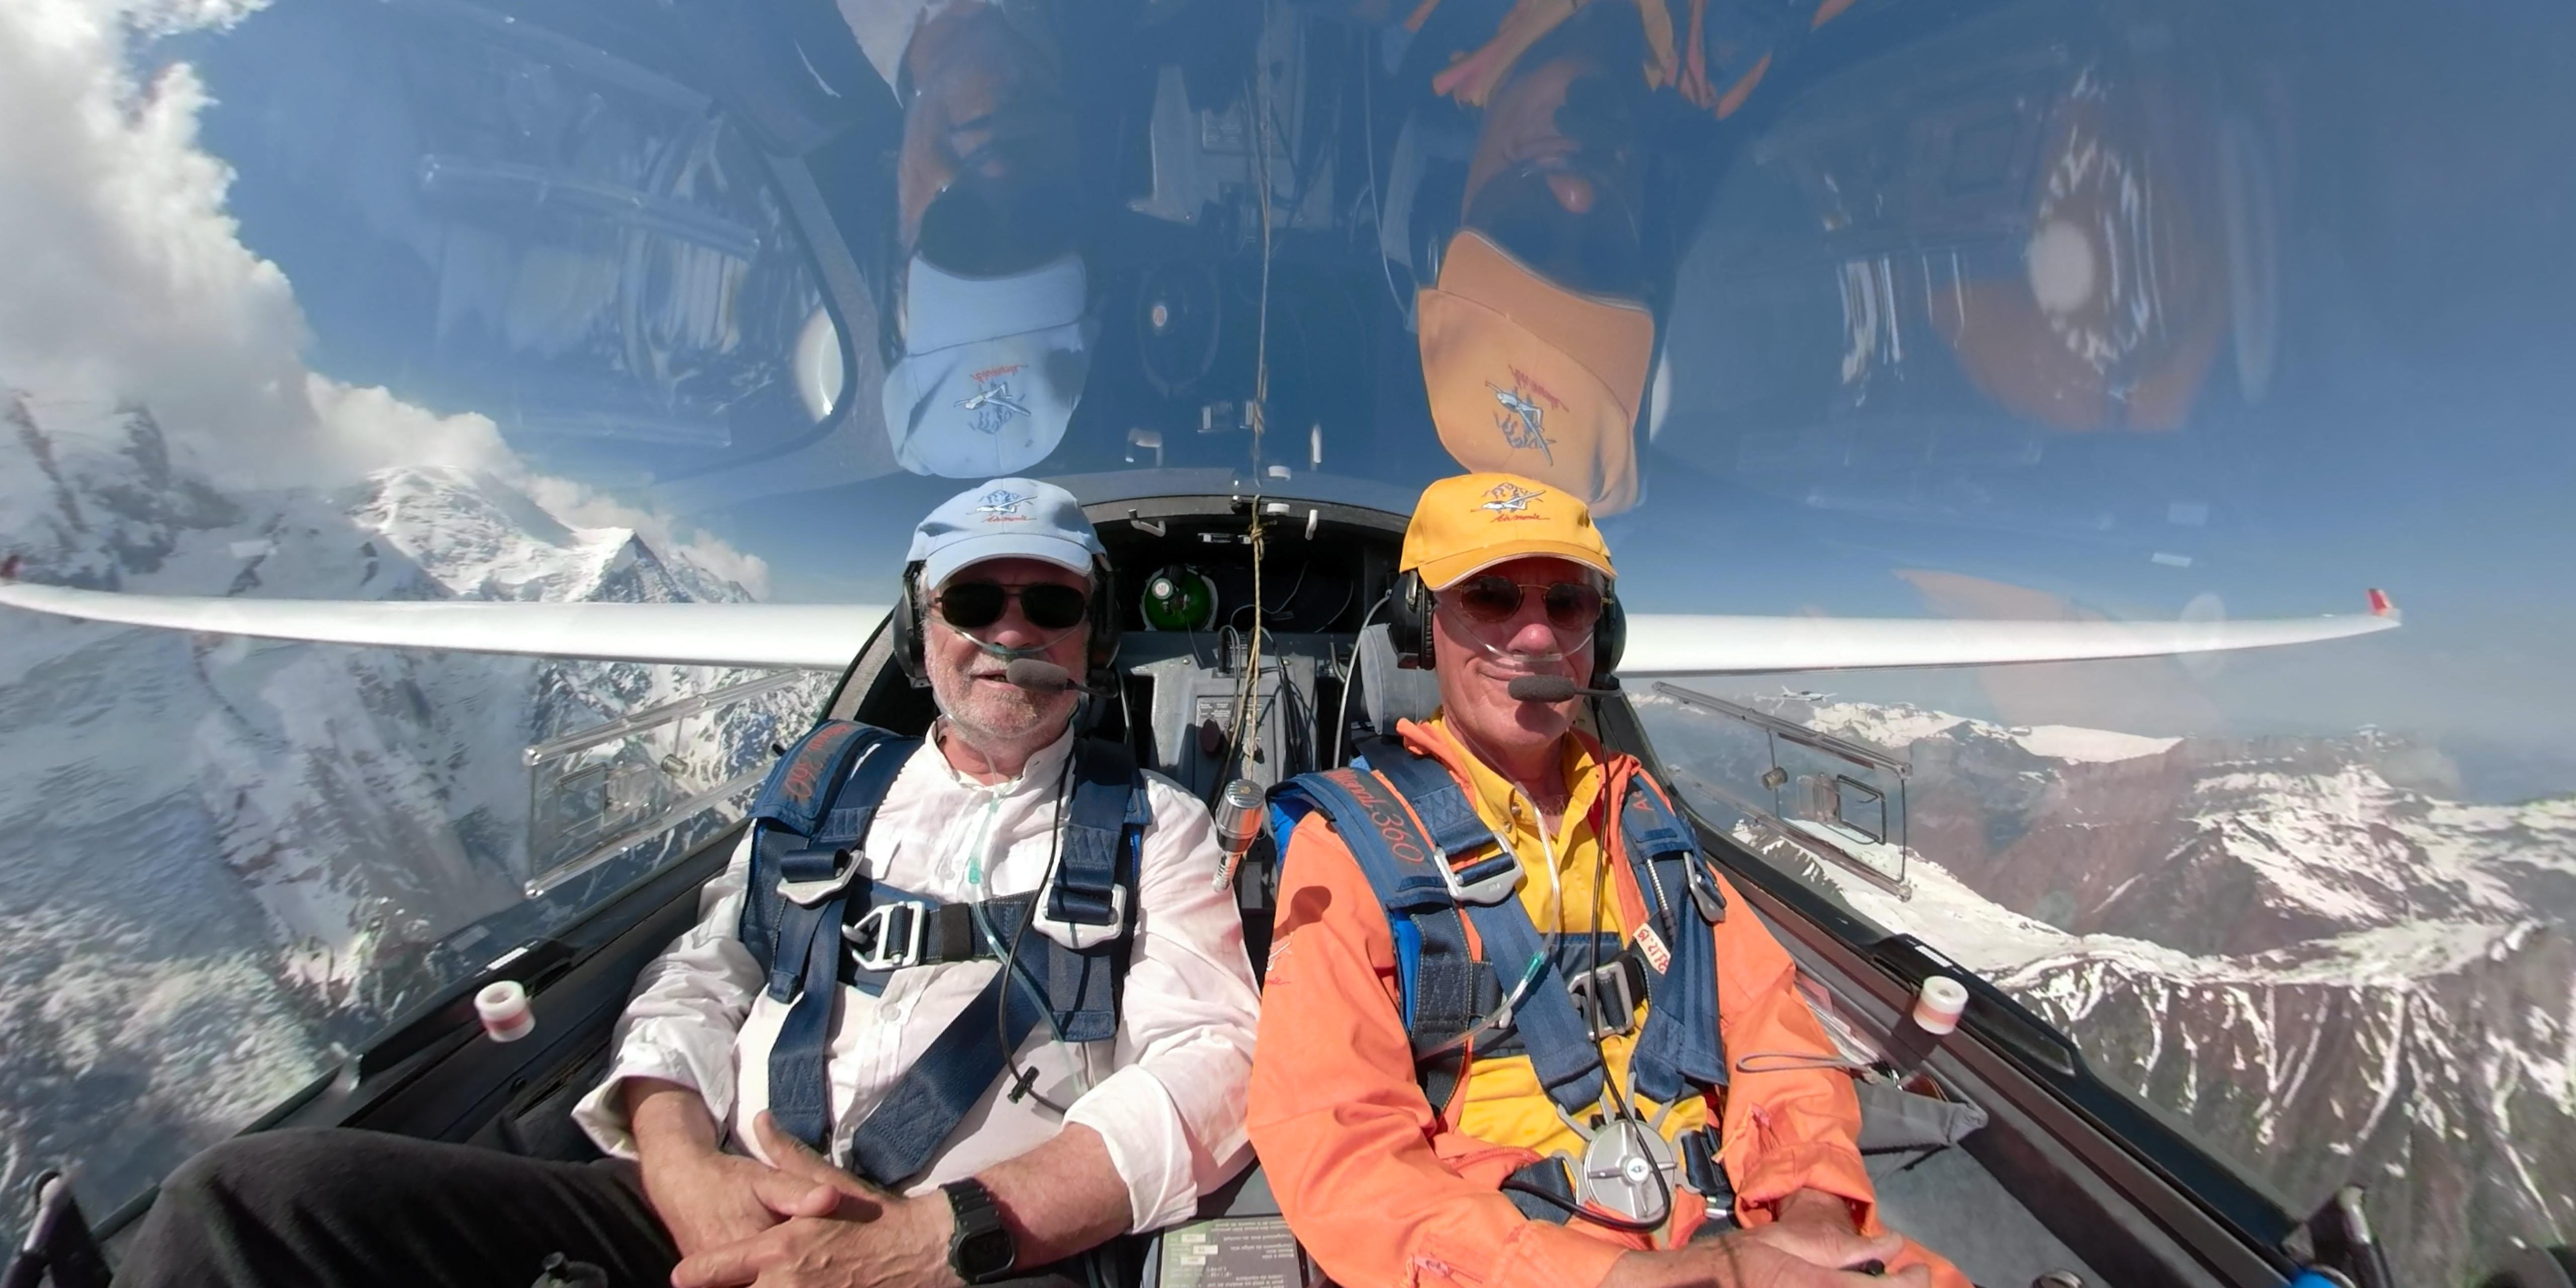 Le gagnant du 1er jeu-concours Aerobuzz10 (à gauche, en compagnie de René Dousset d'Airmonie) en vol en planeur dans la vallée du mont Blanc. ©Aerobuzz.fr